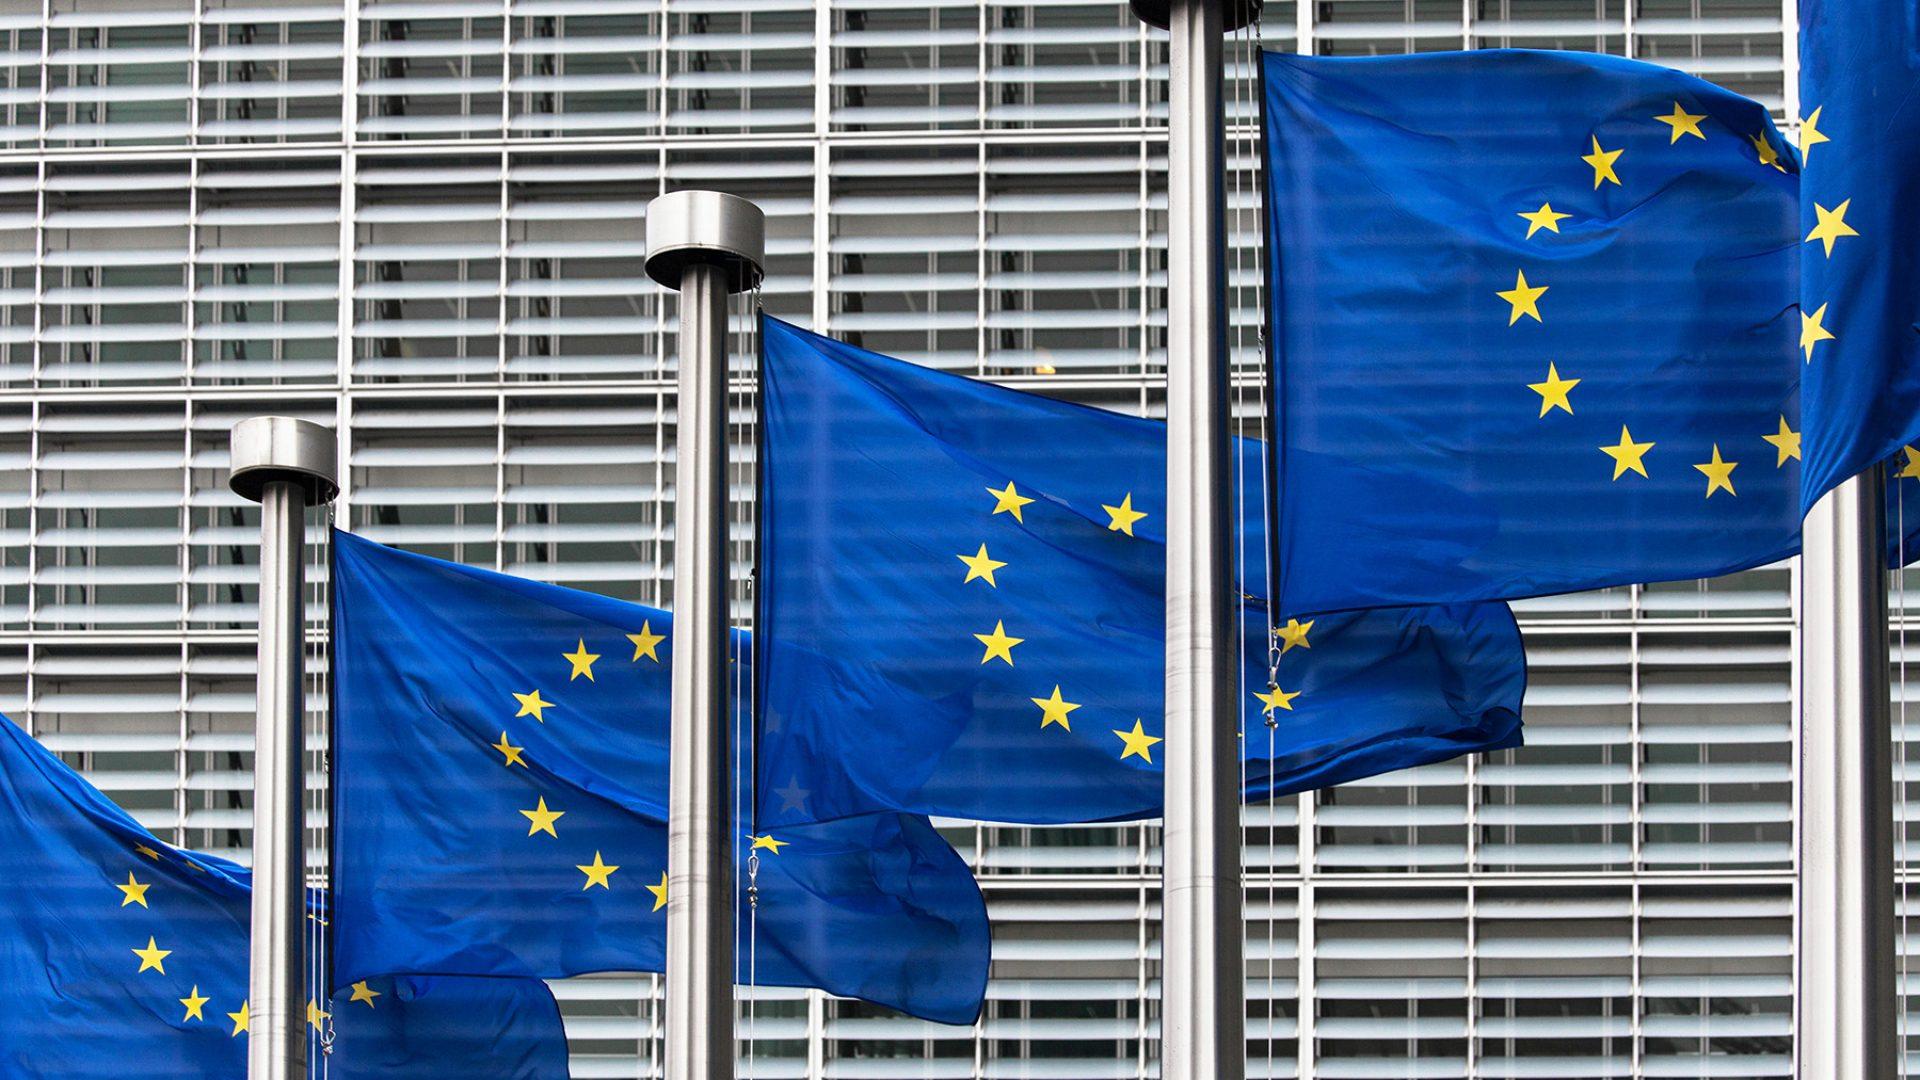 EEA citizens Belgium